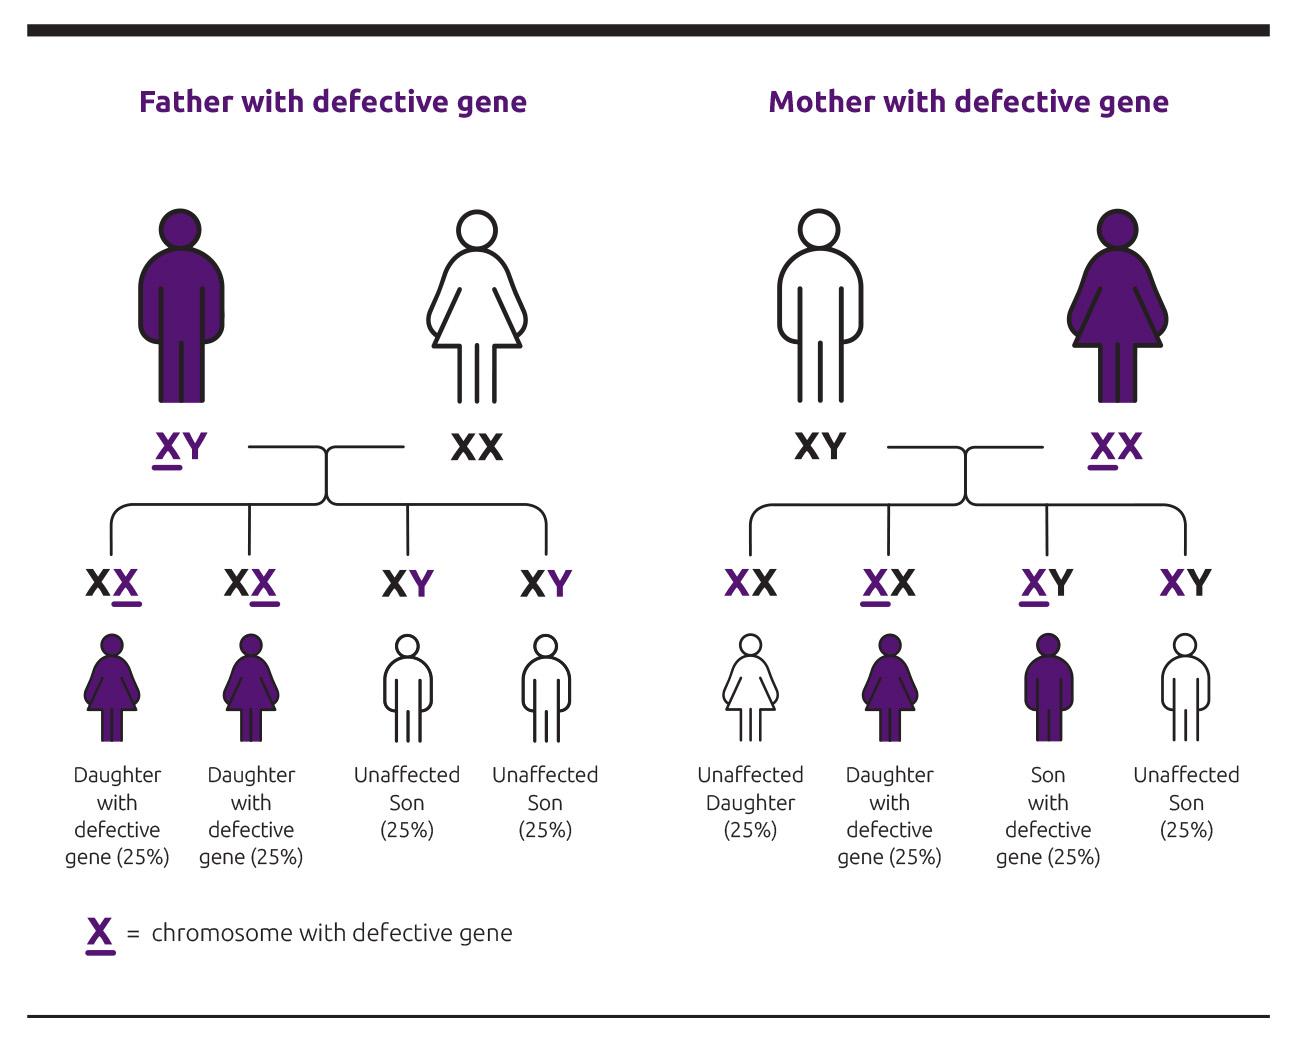 fabry disease symptoms